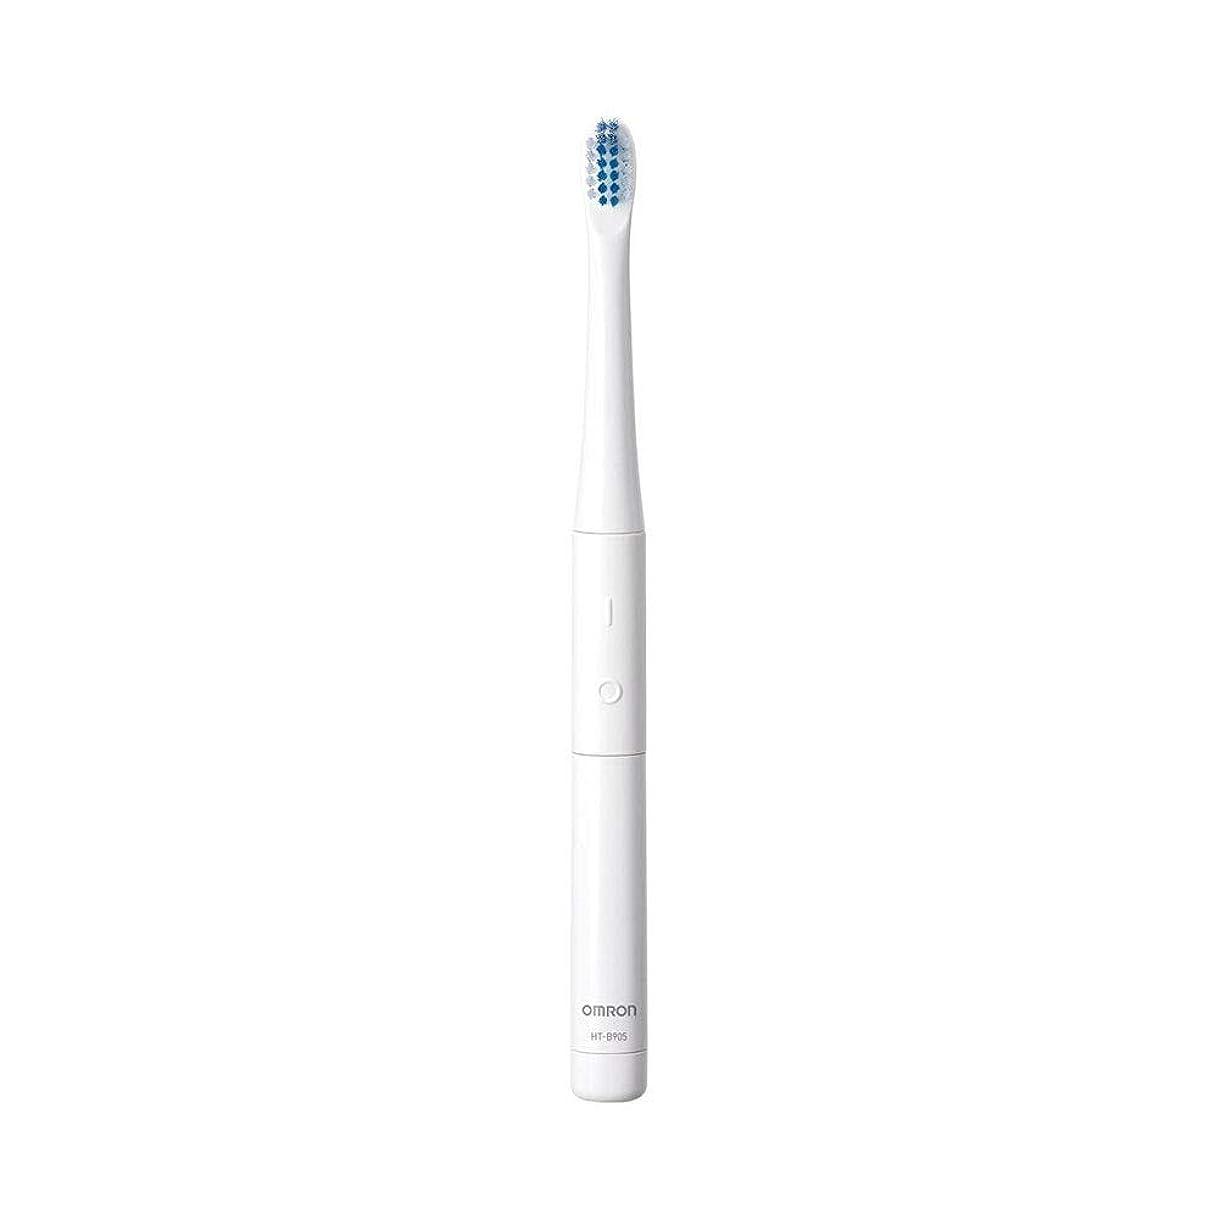 池浸す連続したOmron オムロン 音波式電動歯ブラシ HT-B905-W 電動歯ブラシ